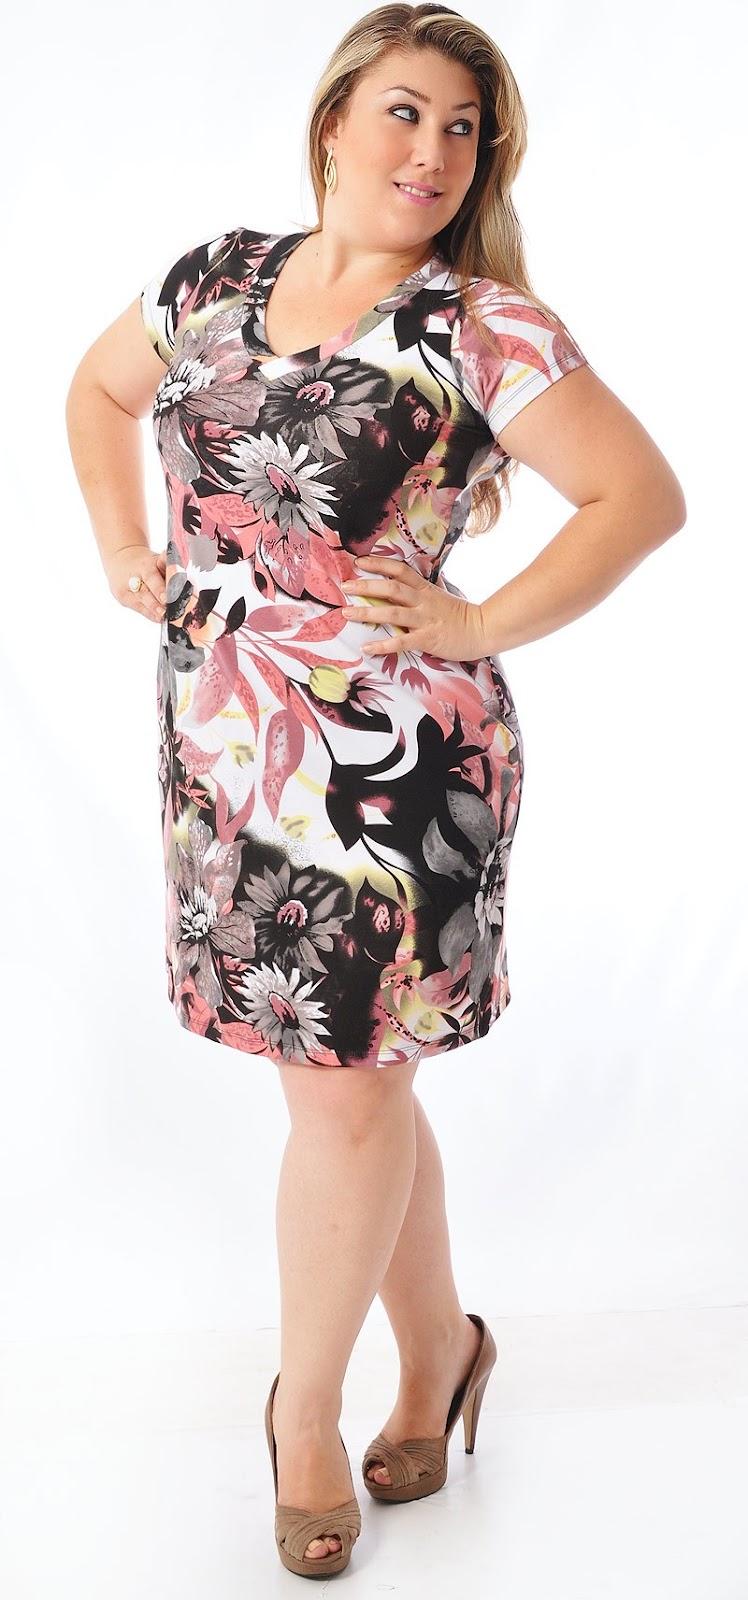 0df749149 Moda Feminina Tamanhos Grandes  Loja Plus Size Online Zona Leste Sp